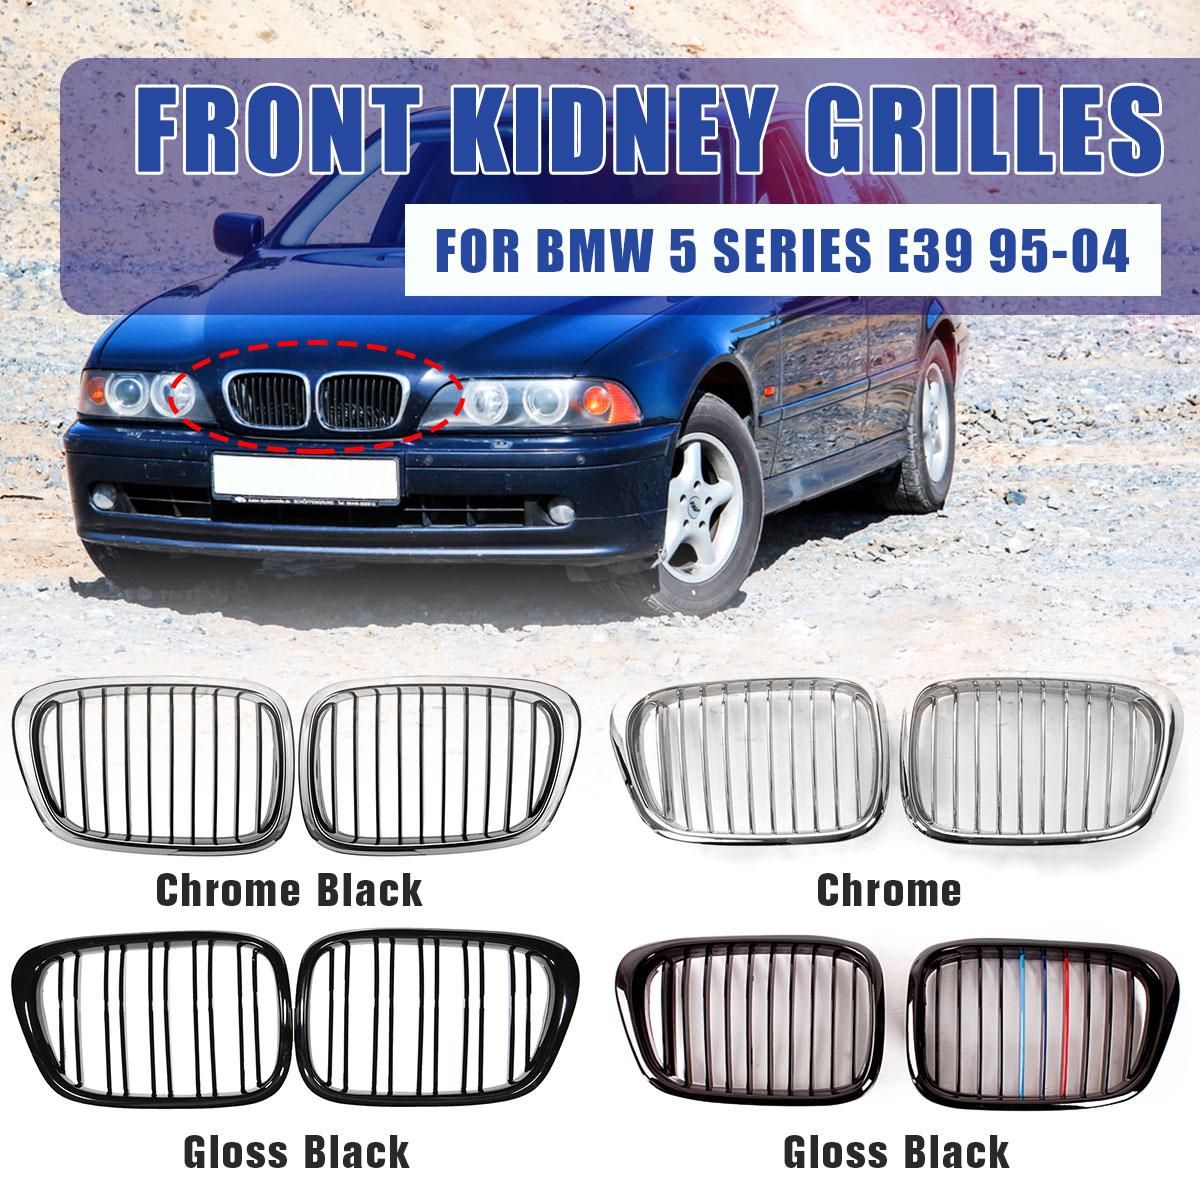 2 Pcs Grades Grade Dianteira Do Carro Gloss M-cor Rim Para BMW E39 5 Série 525 528 530 540 m5 1997 1998 1999 2000 2001 2002 2003